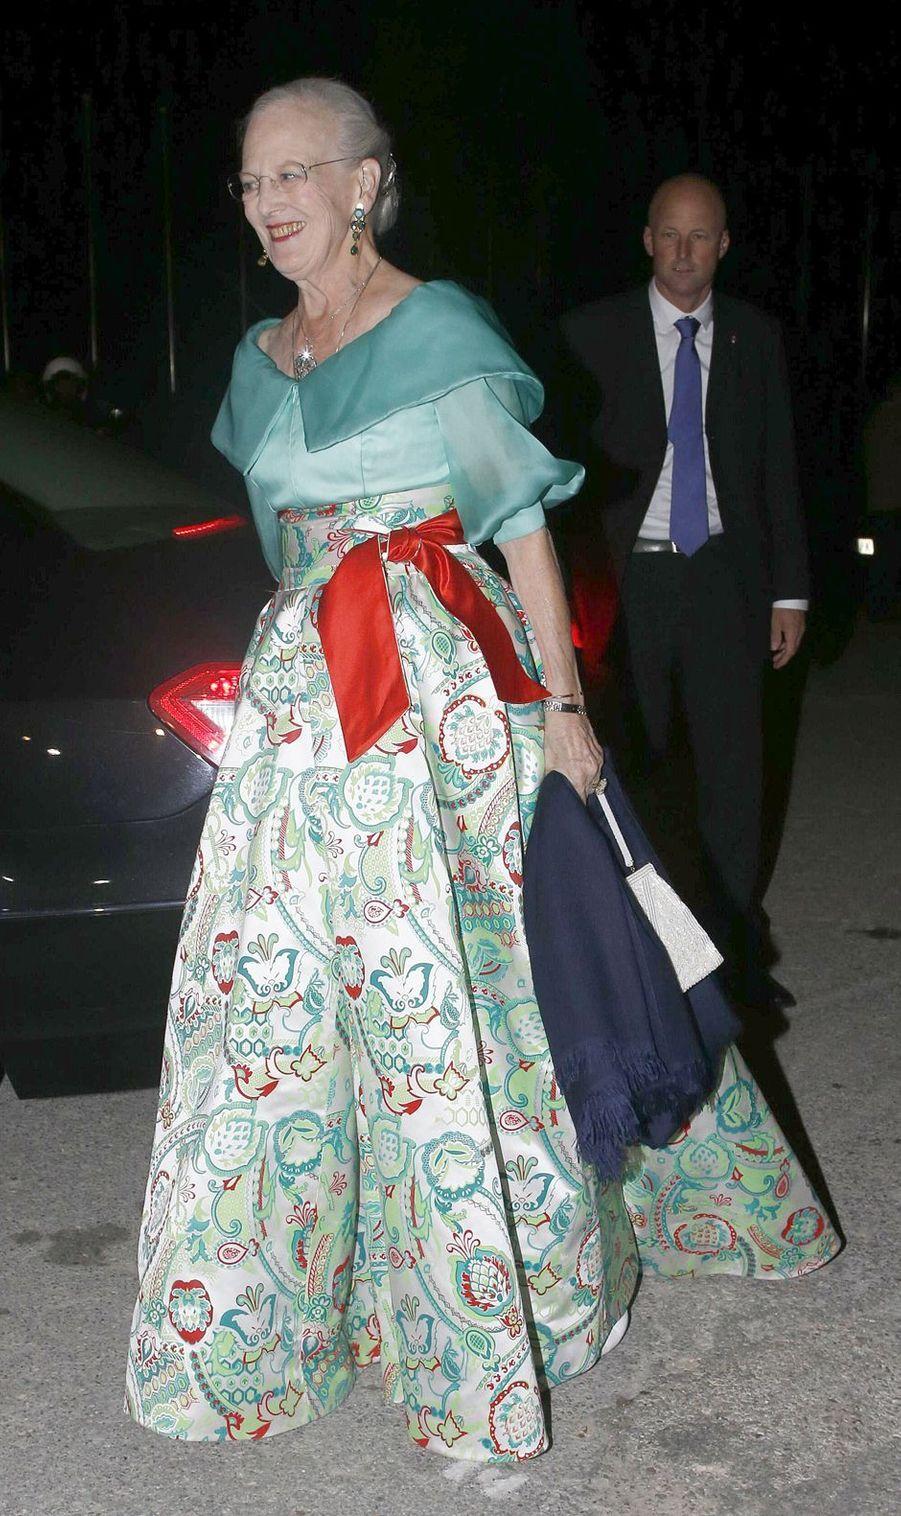 La reine Margrethe II de Danemark aux noces d'or de sa soeur l'ex-reine Anne-Marie et de son mari l'ex-roi des Hellènes Constantin, le 18 septembre 2014